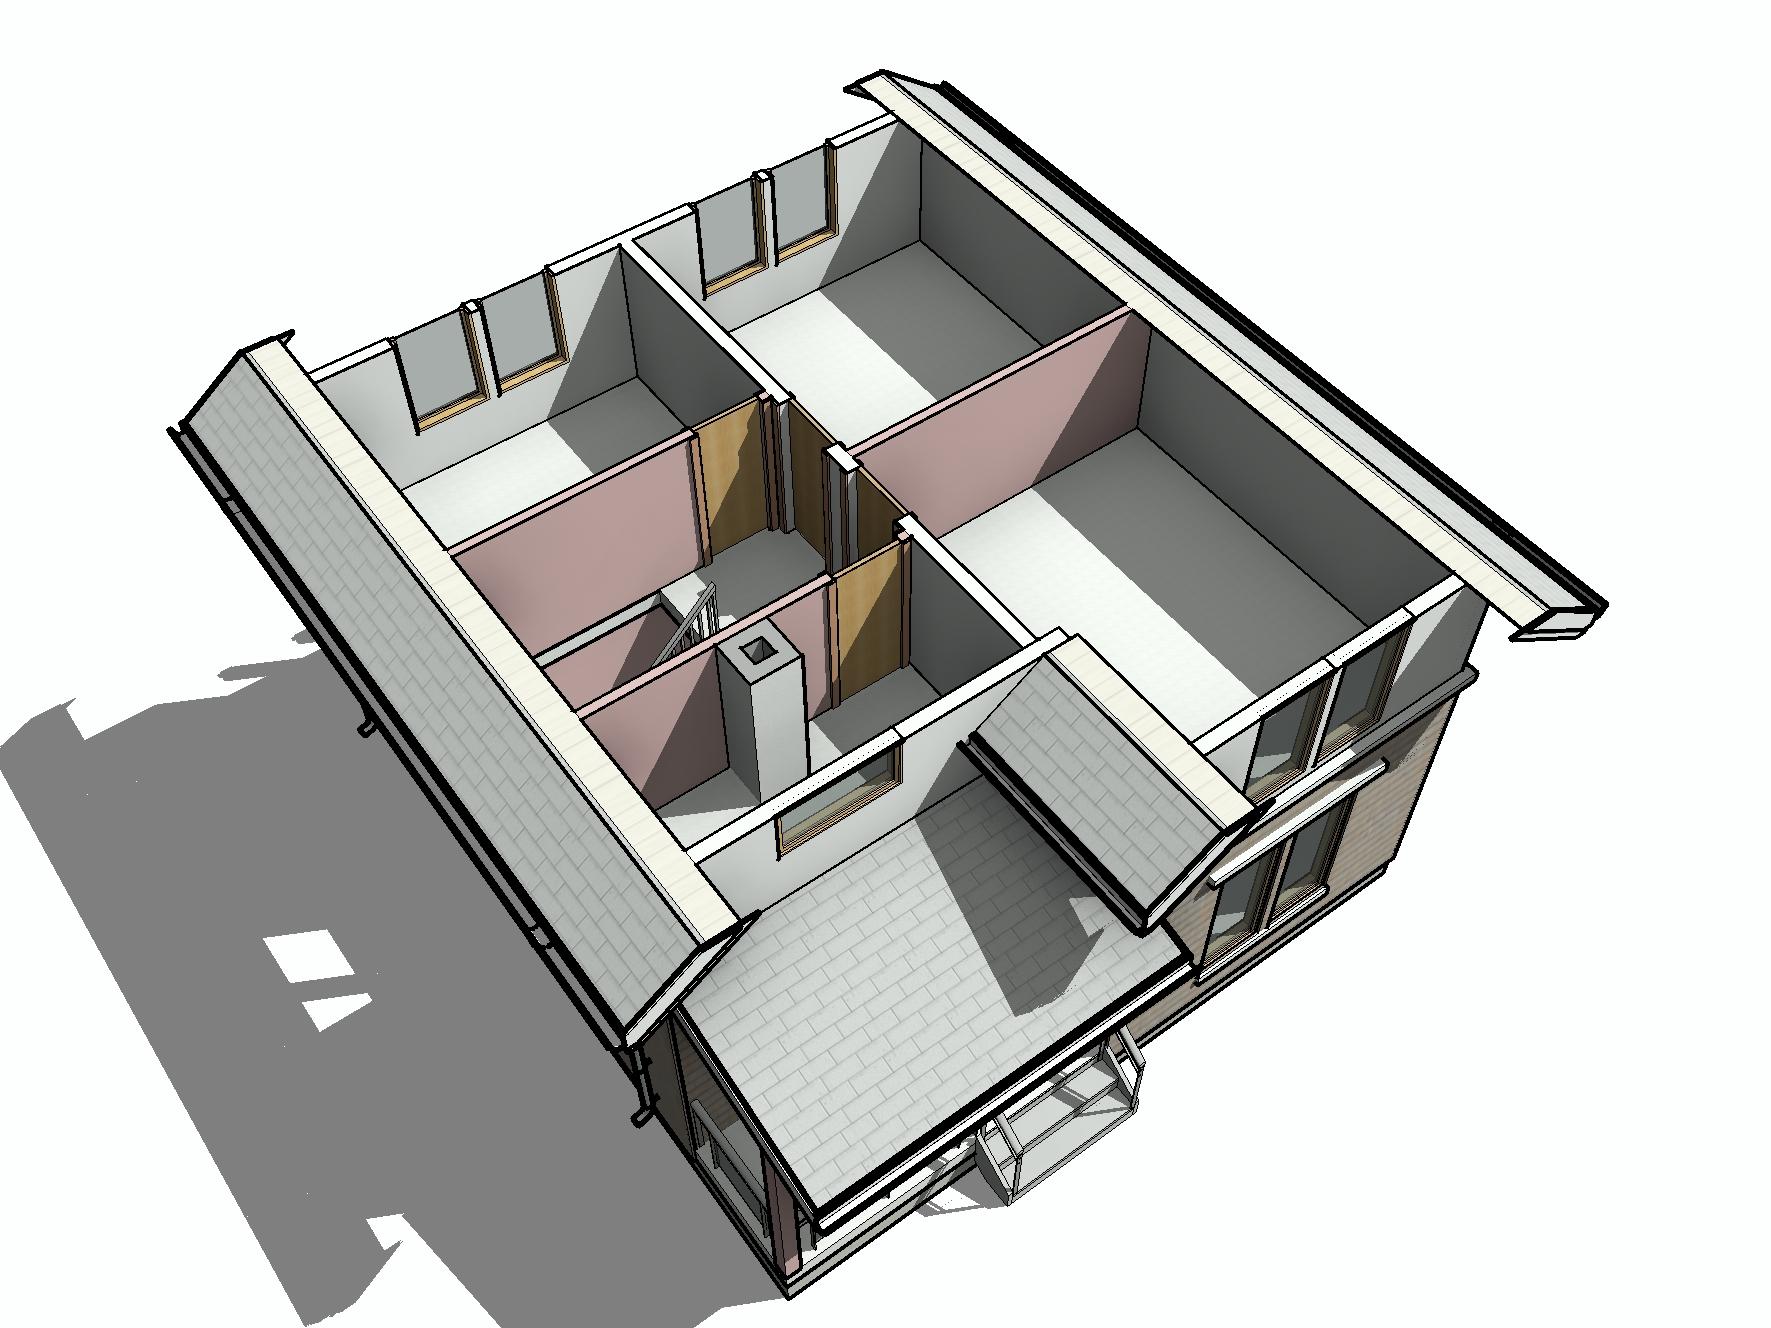 КД-31 - общий вид 2-го этажа